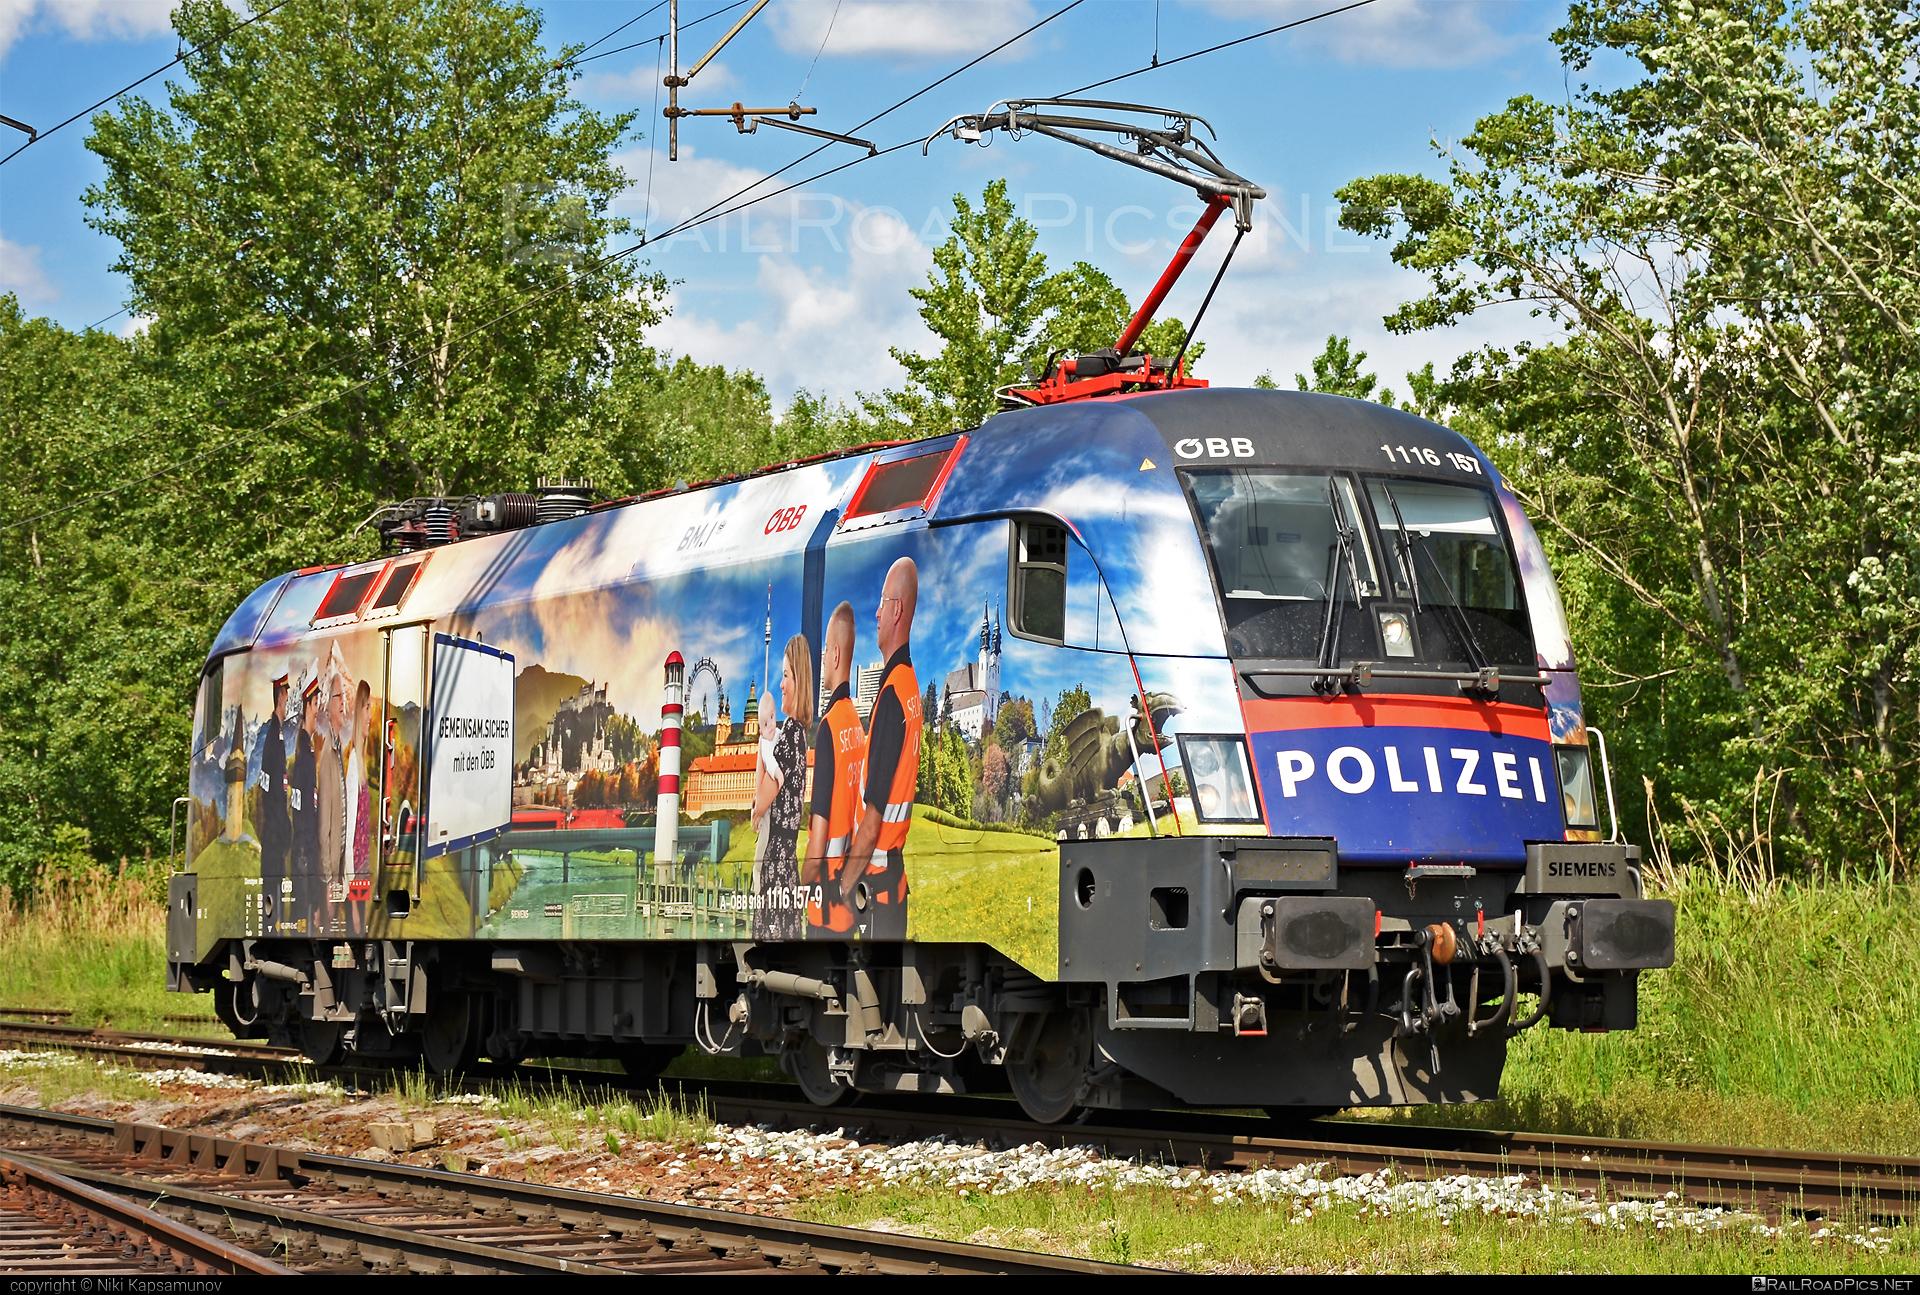 Siemens ES 64 U2 - 1116 157 operated by Rail Cargo Austria AG #es64 #es64u #es64u2 #eurosprinter #obb #osterreichischebundesbahnen #rcw #siemens #siemenses64 #siemenses64u #siemenses64u2 #siemenstaurus #taurus #tauruslocomotive